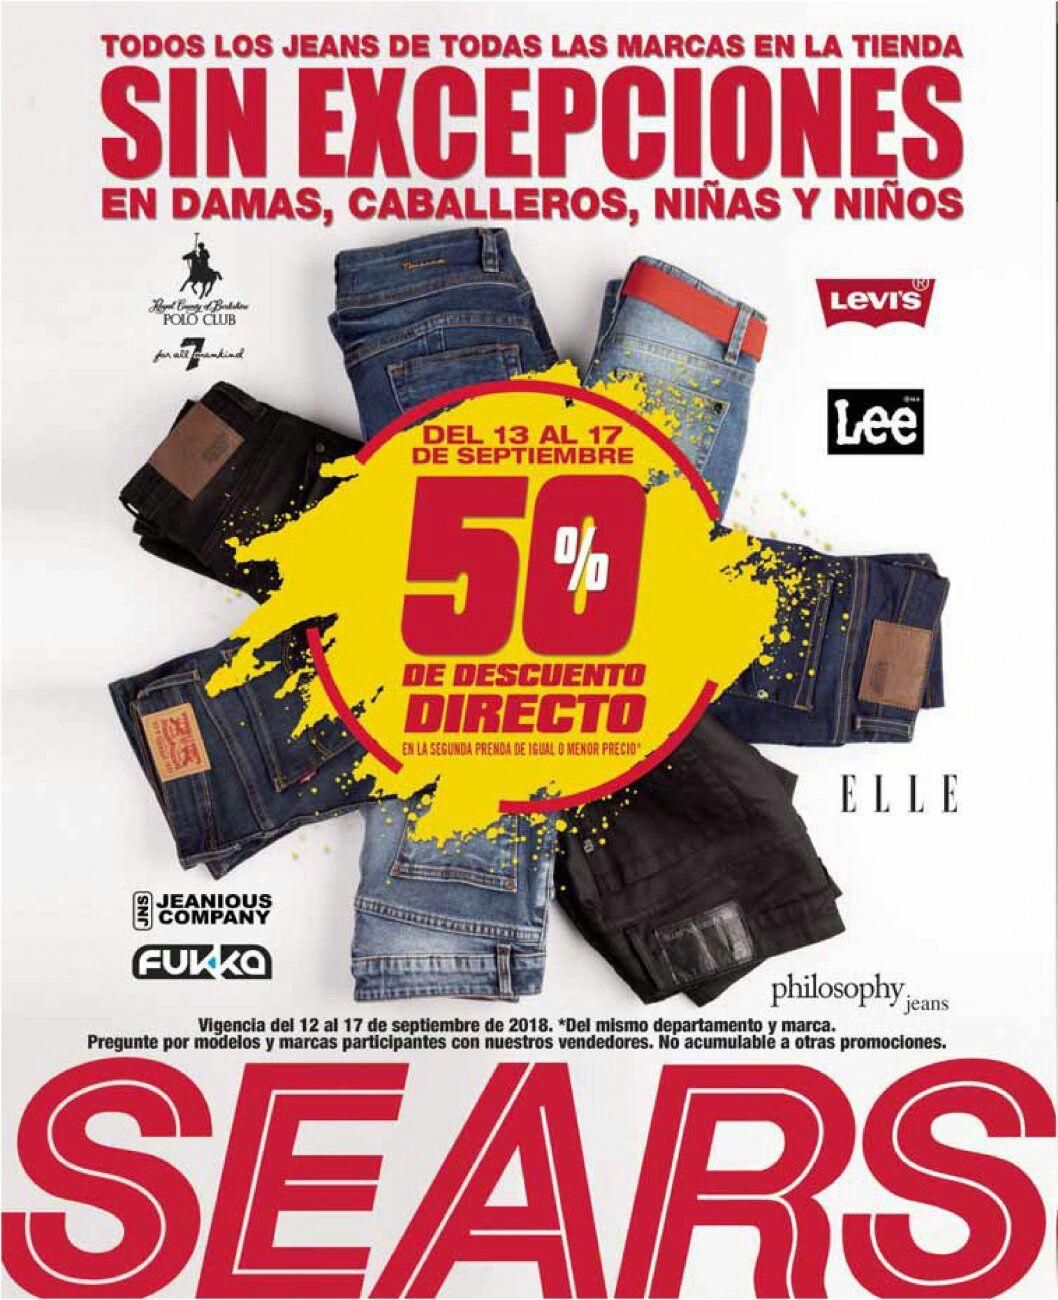 Sears: 50% de descuento en la segunda prenda en todos los jeans de todas las marcas en toda la tienda en damas, caballeros, niñas y niños sin excepciones